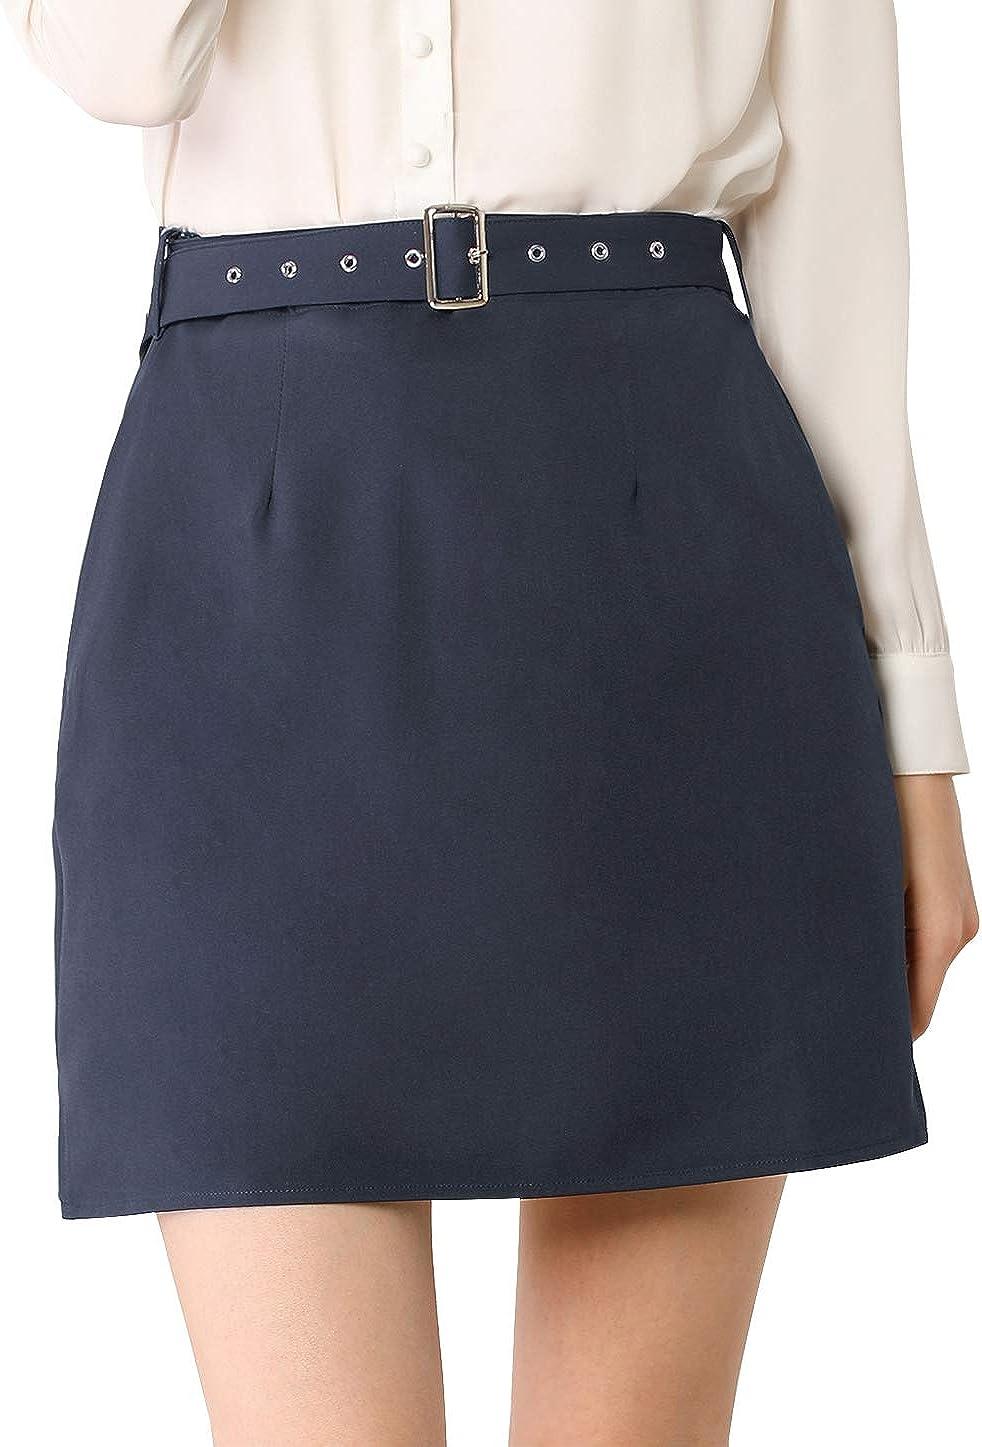 Allegra K Women's Work Office Belted Elastic Waist Back Mini Skirt with Pockets